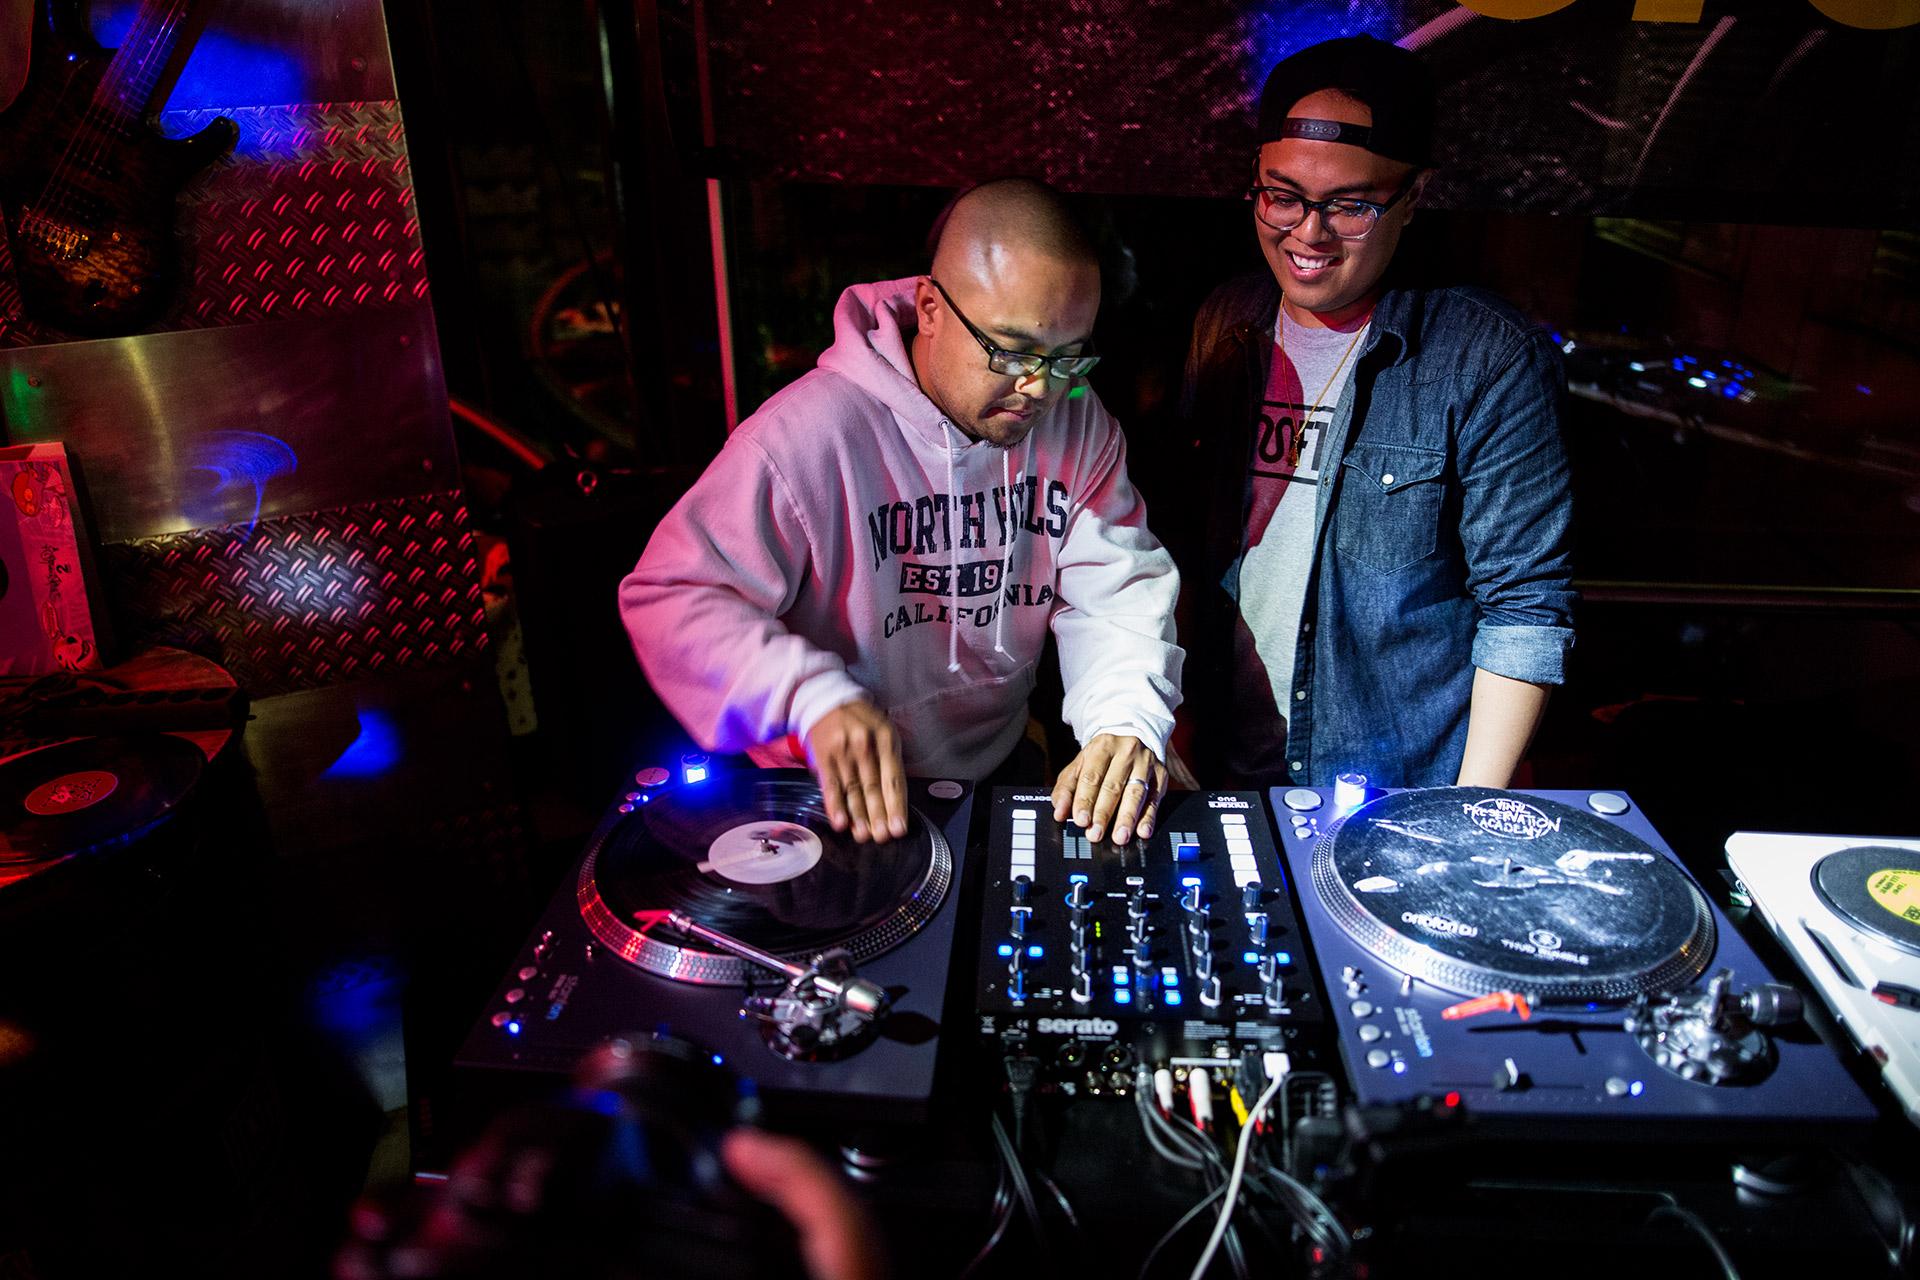 Sample Music Festival DJs